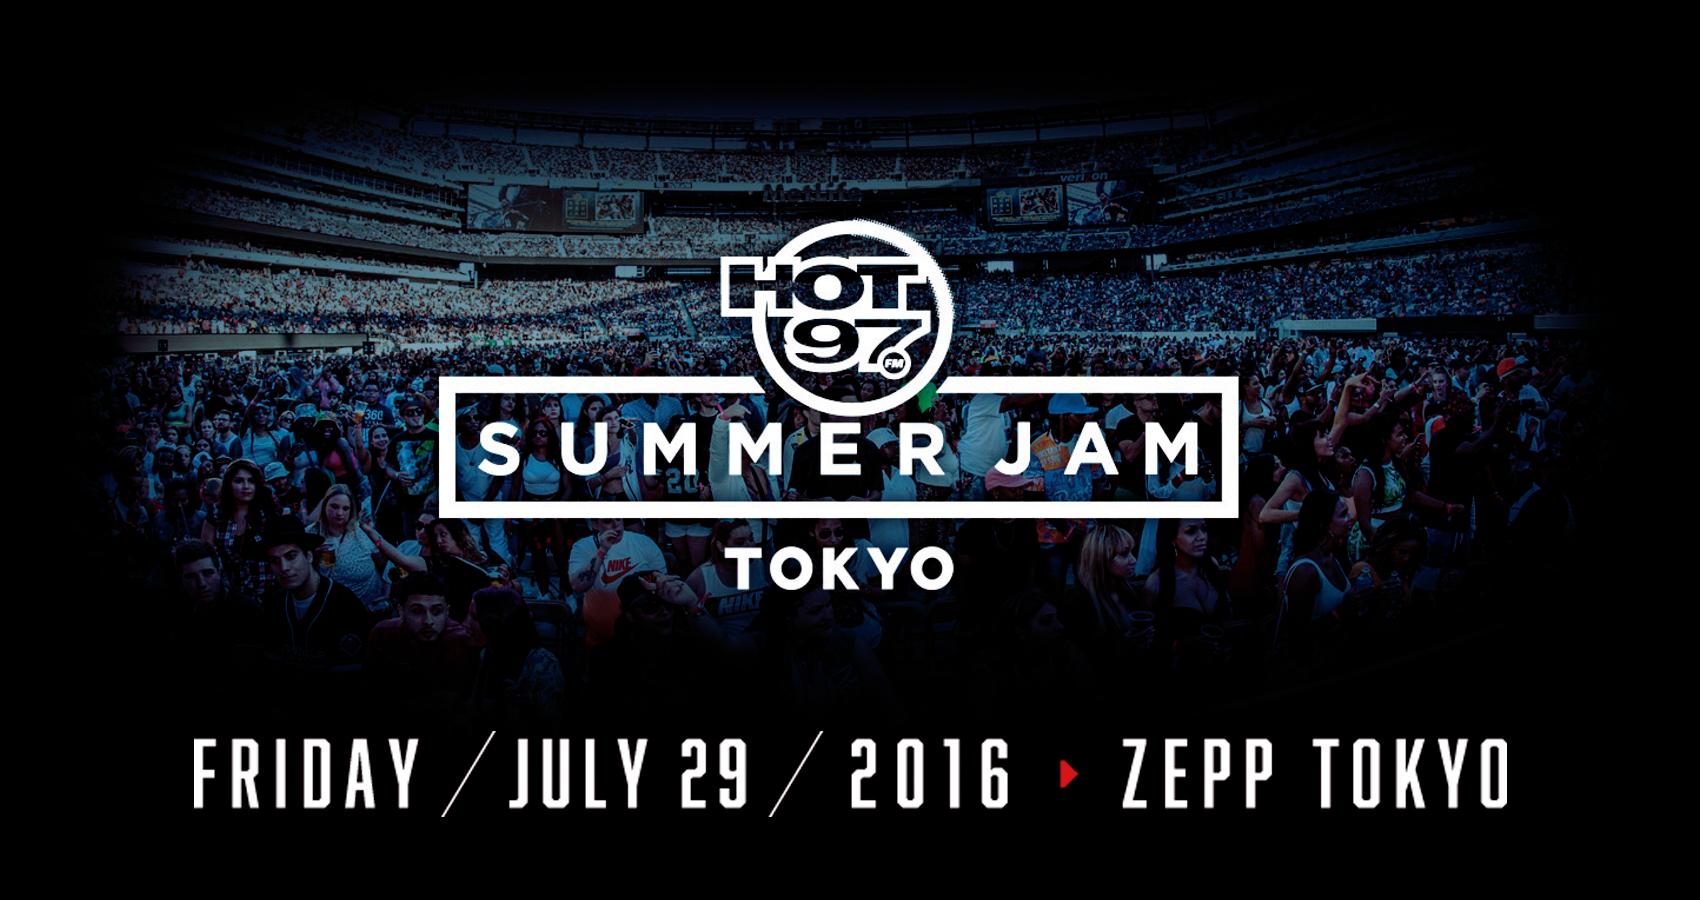 世界最大級のヒップホップフェス「HOT 97 SUMMER JAM」日本初上陸